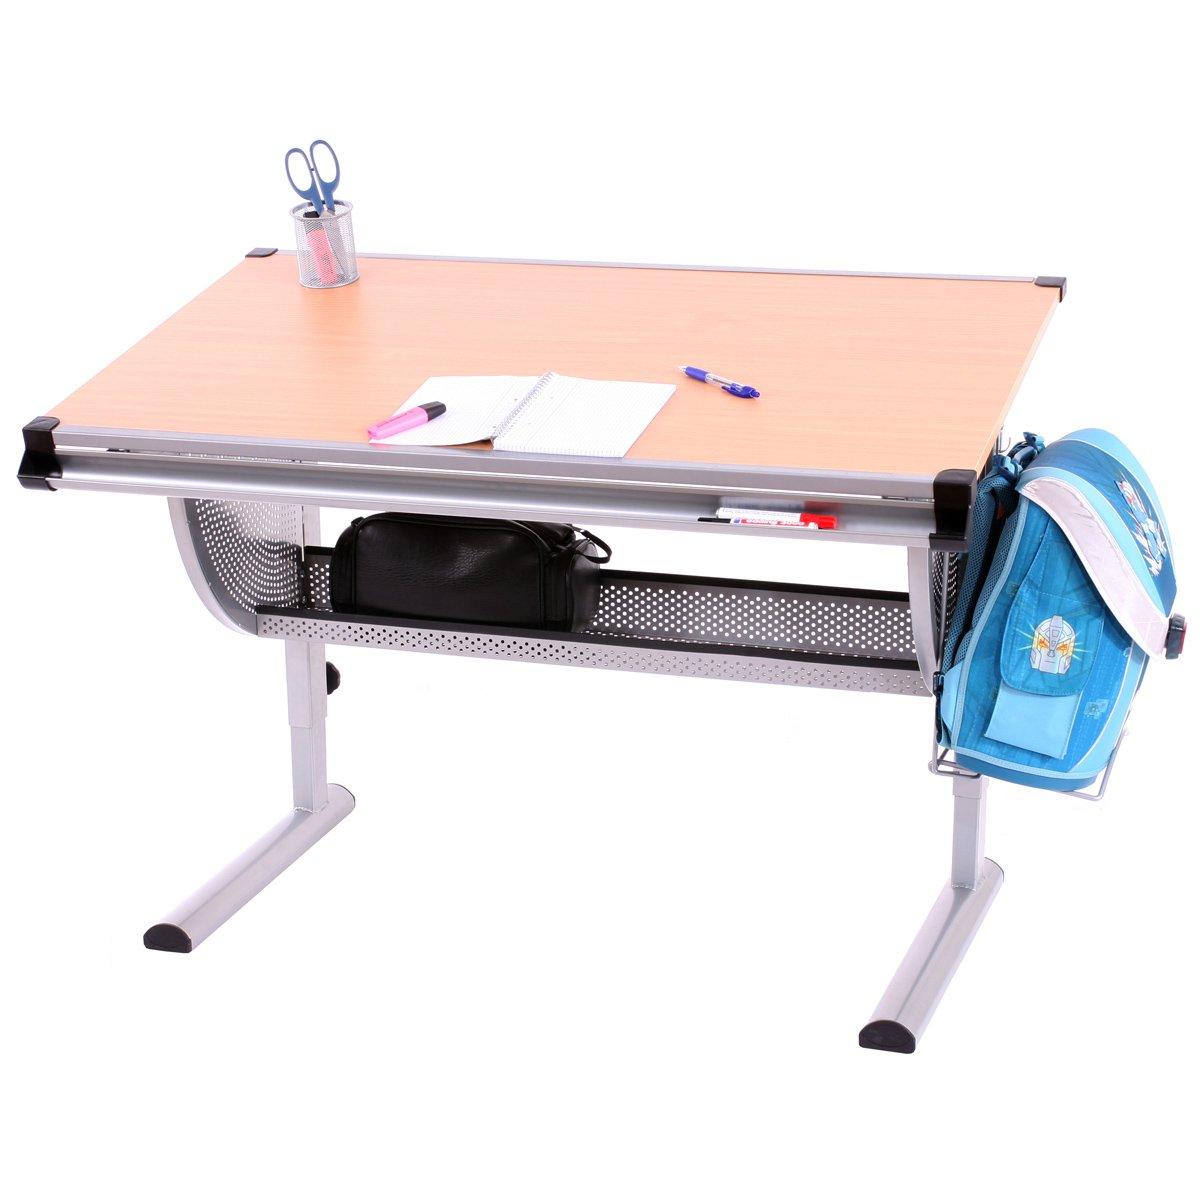 Kinderschreibtisch Schülerschreibtisch Schreibtisch Oxford, höhenverstellbar, neigbar ~ natur, Buche günstig